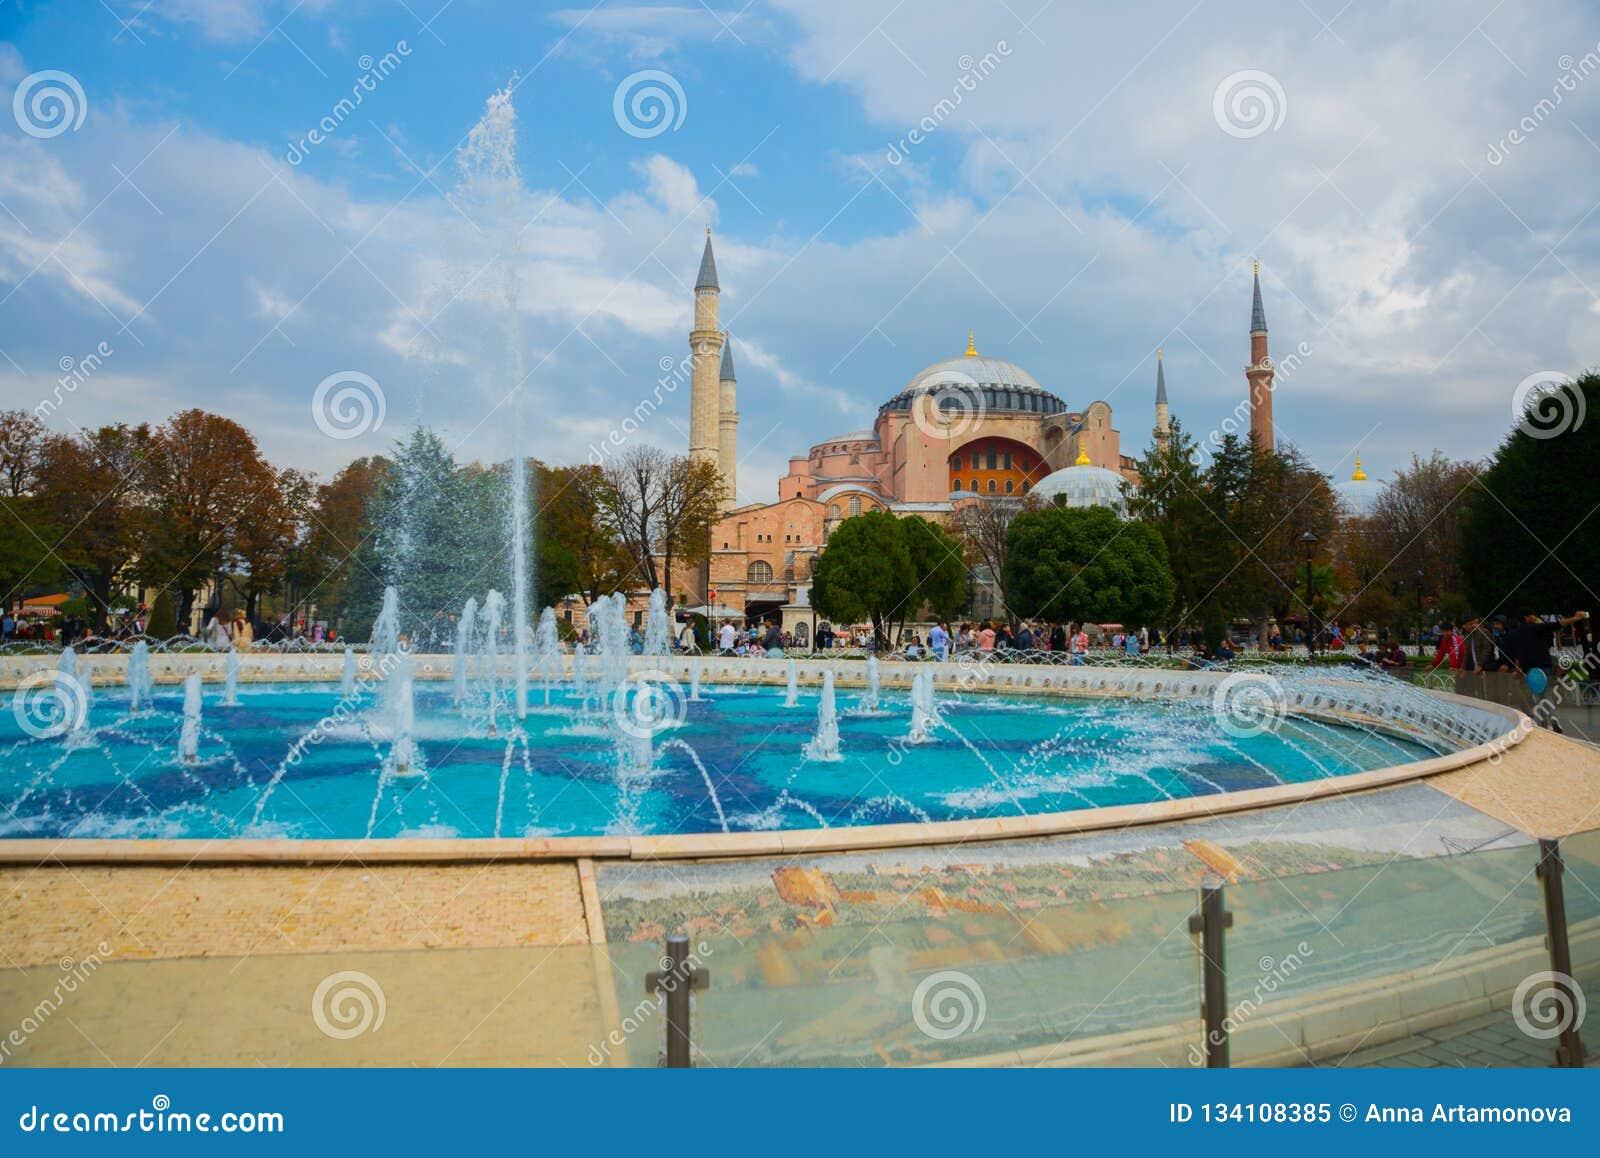 Hagia Sophia et la fontaine sur la place de Sultanahmet Basilique patriarcale chrétienne, mosquée impériale et maintenant un musé